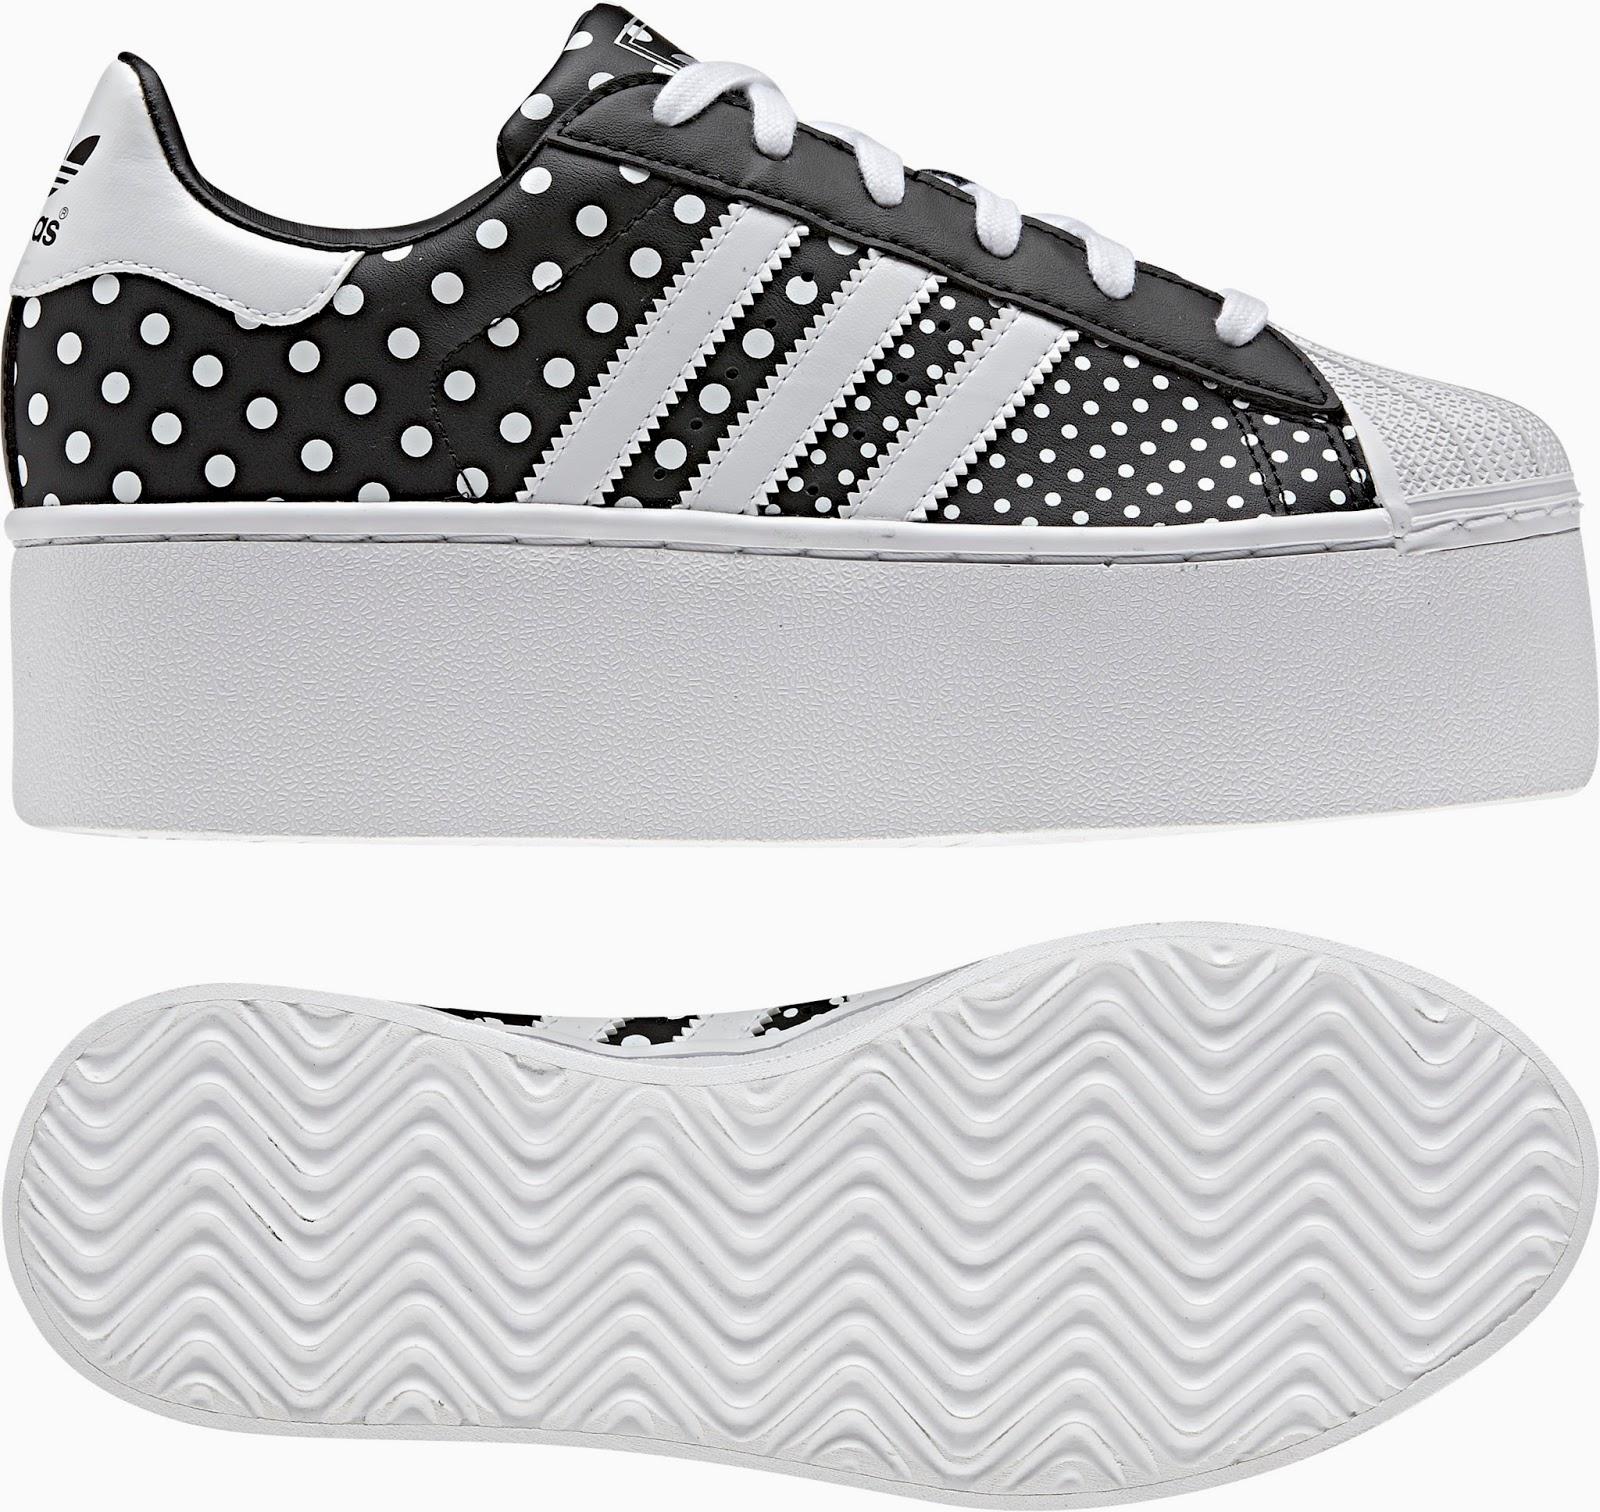 b9a16335433 Agora foi a Adidas que pegou em alguns modelos clássicos da marca (como os  Stan Smith ou os Gazelle) e lhes acrescentou uns centímetros de sola. Ora  vejam